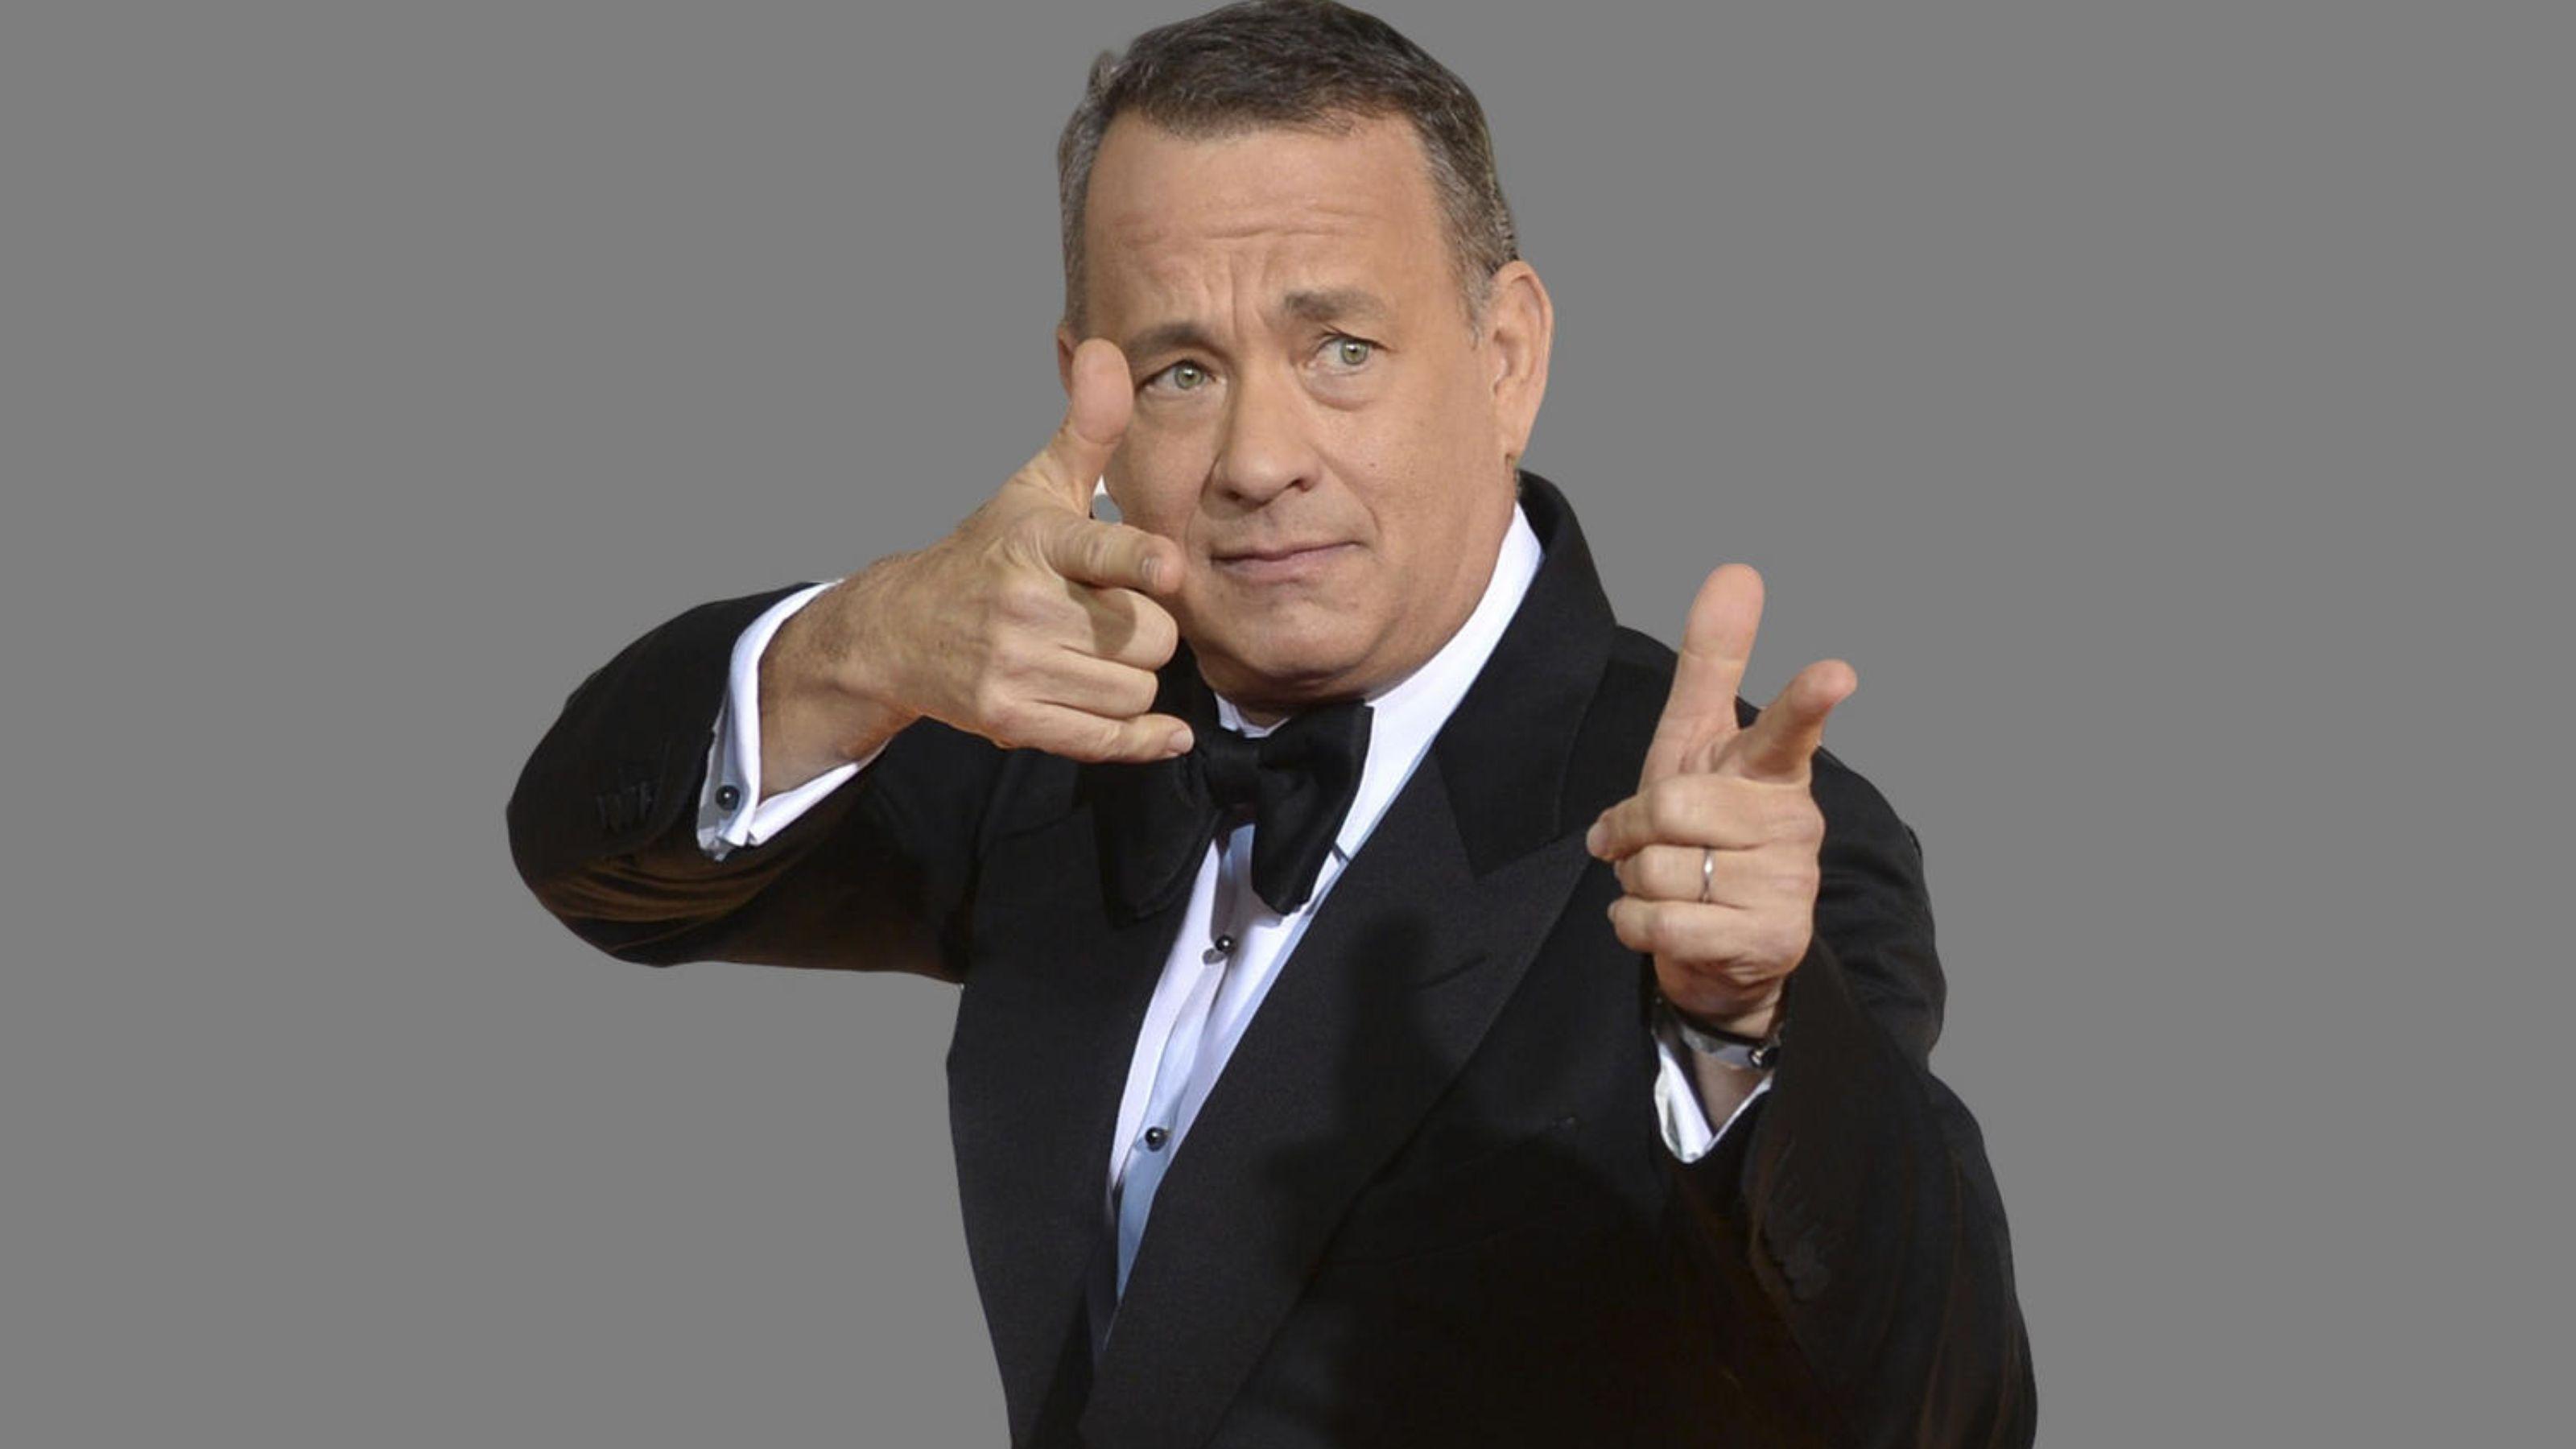 A emotiva entrevista de Tom Hanks à BBC sobre sua infância solitária